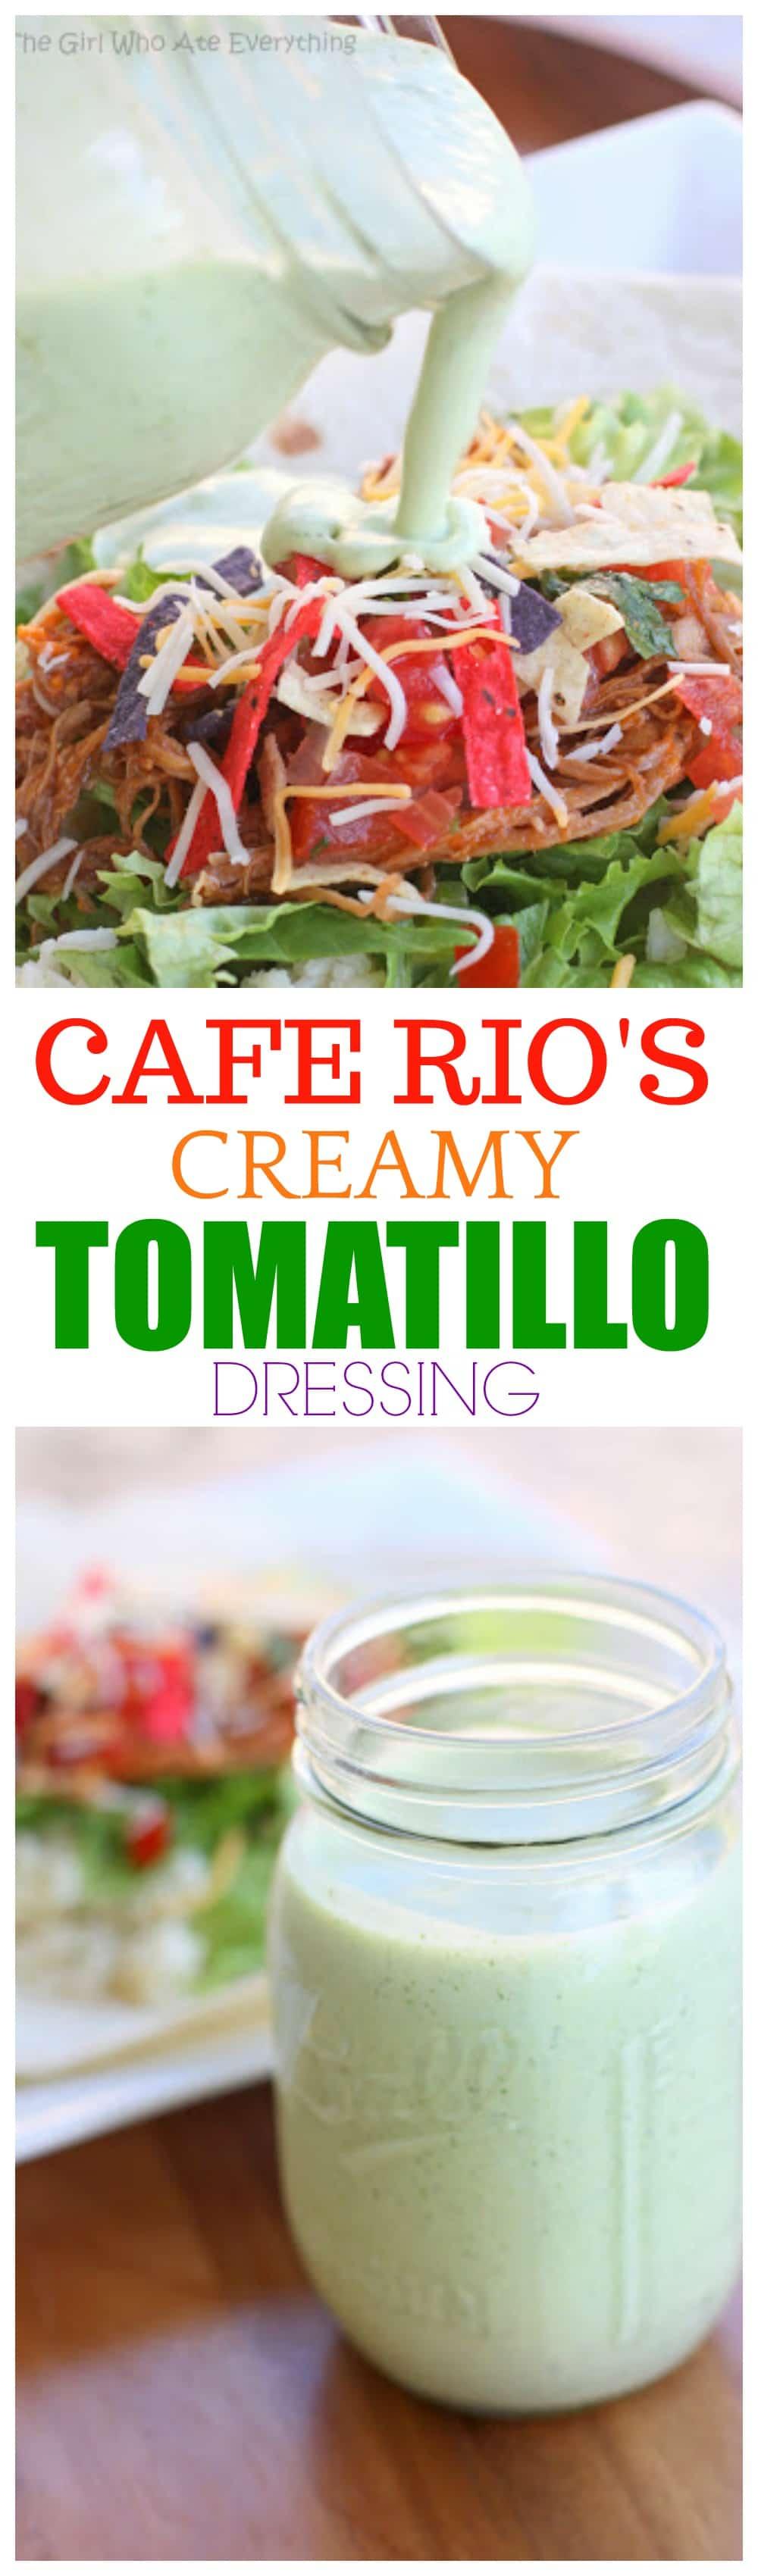 Cafe Rio's Creamy Tomatillo Dressing